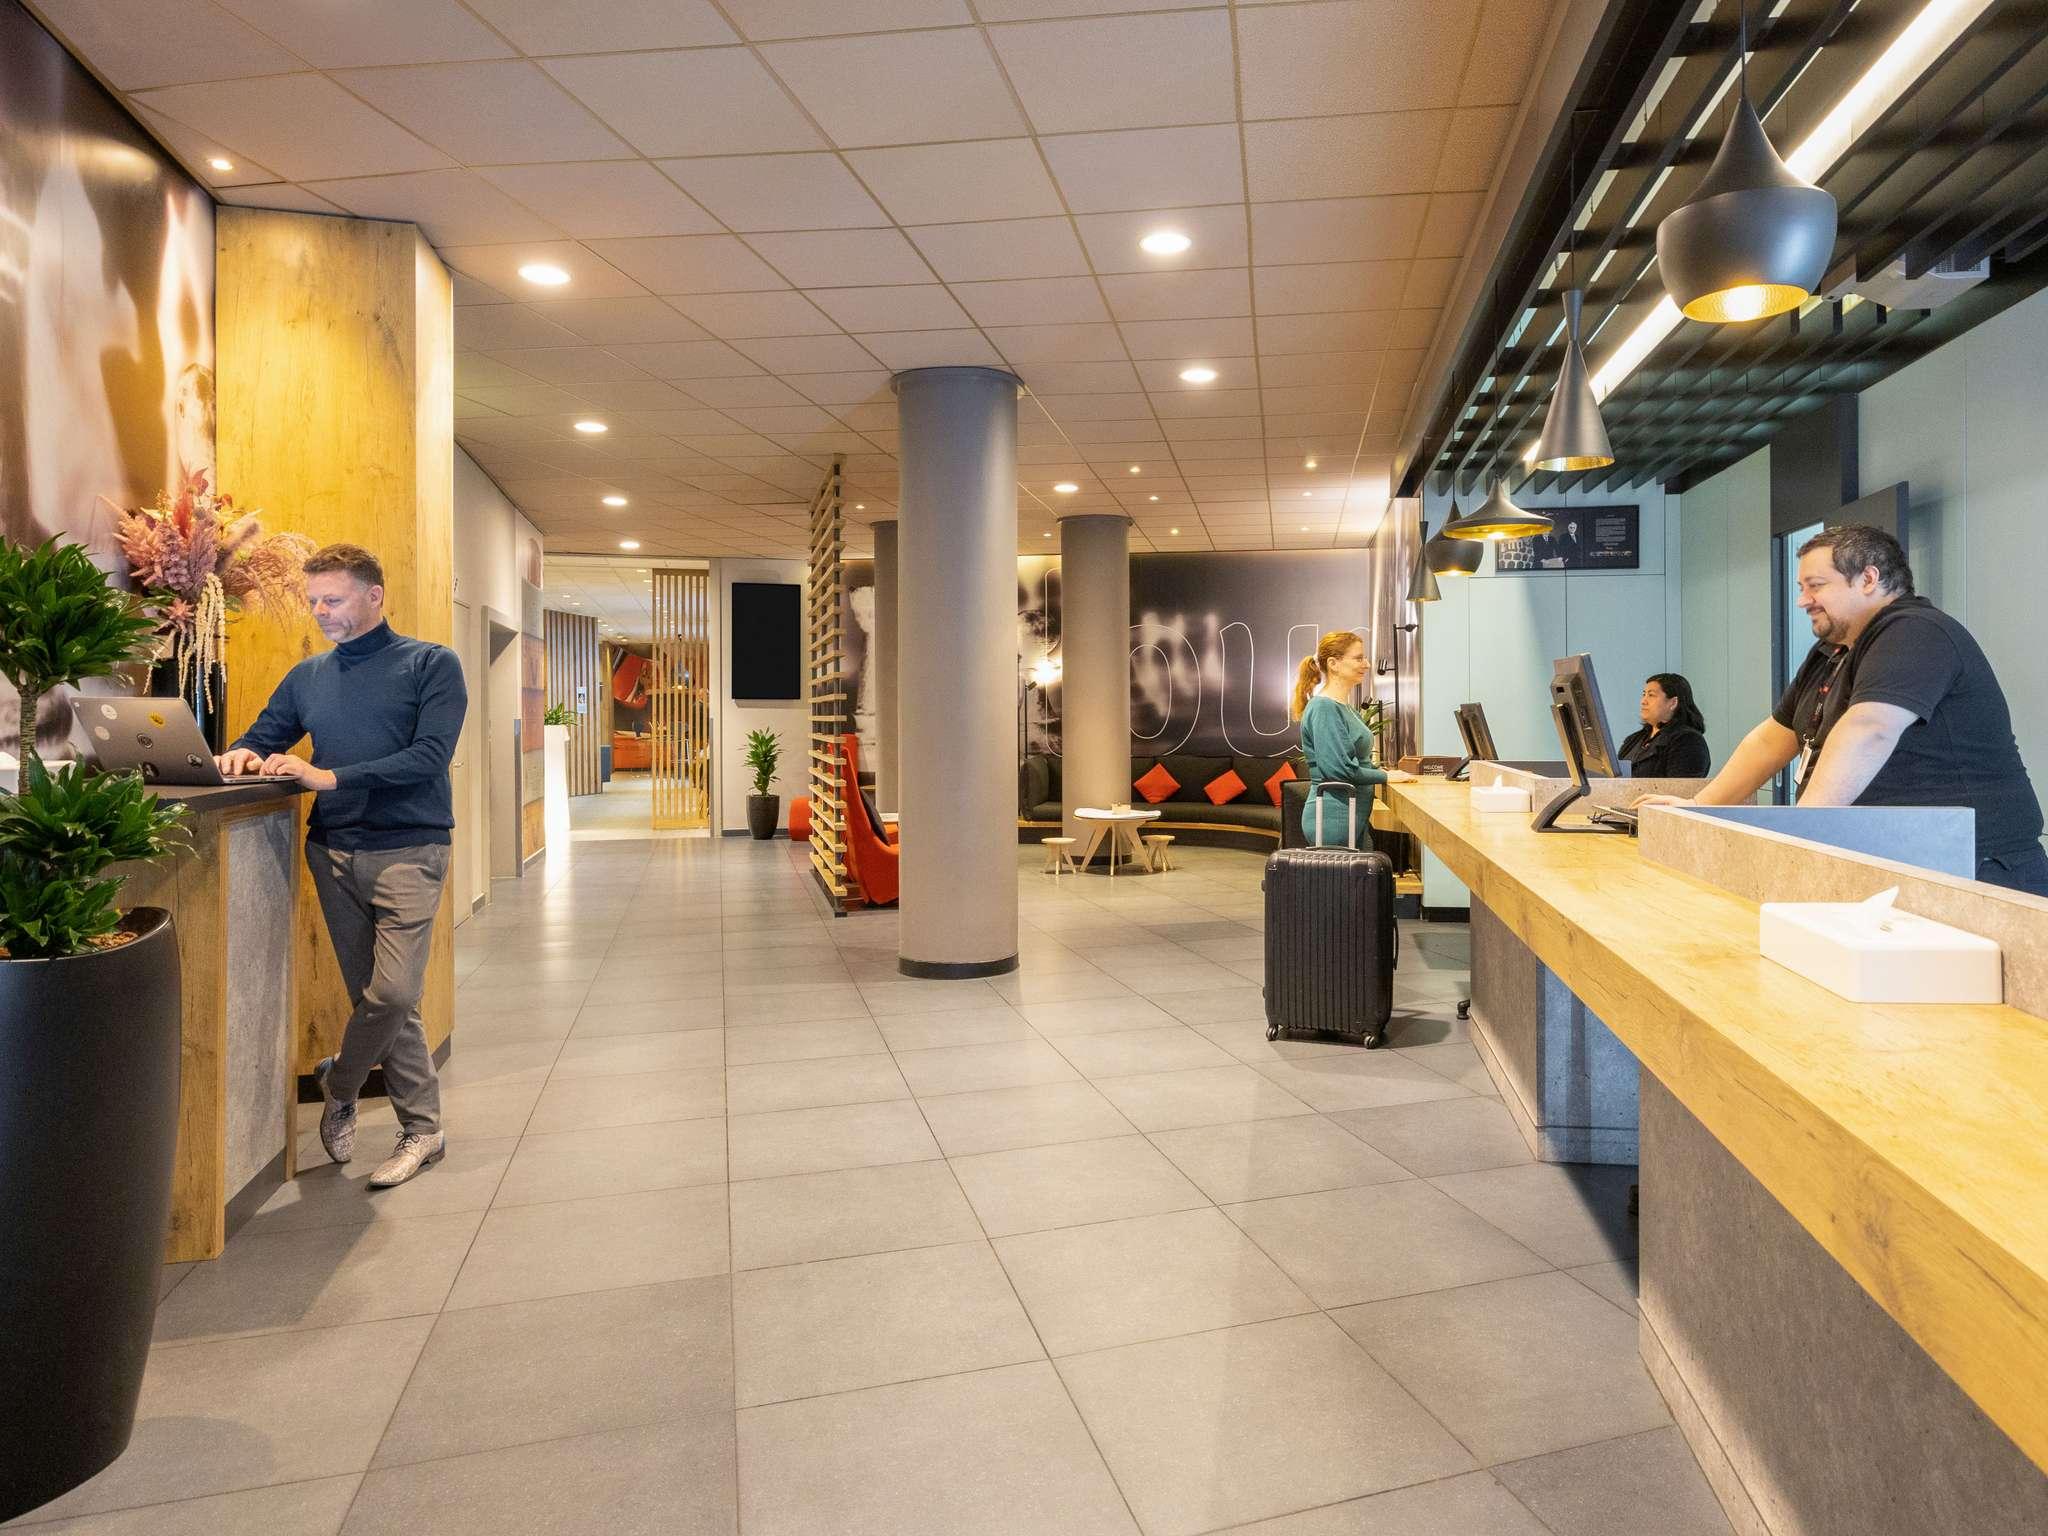 ホテル – イビスブリュッセルオフグランプラス